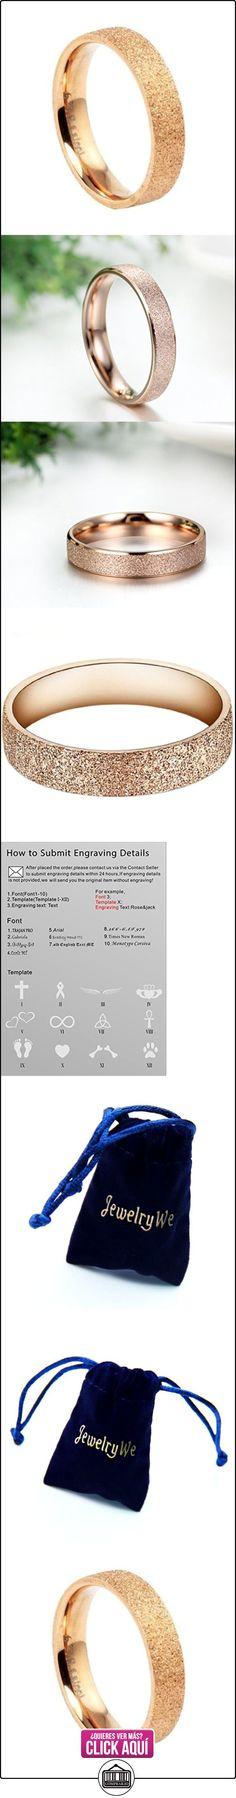 JewelryWe - Joyería 4mm ancho acero inoxidable damas anillo, dorado rosa arena pulido tamaño 54, anillos de compromiso, alianzas  ✿ Joyas para mujer - Las mejores ofertas ✿ ▬► Ver oferta: https://comprar.io/goto/B009P16LXU